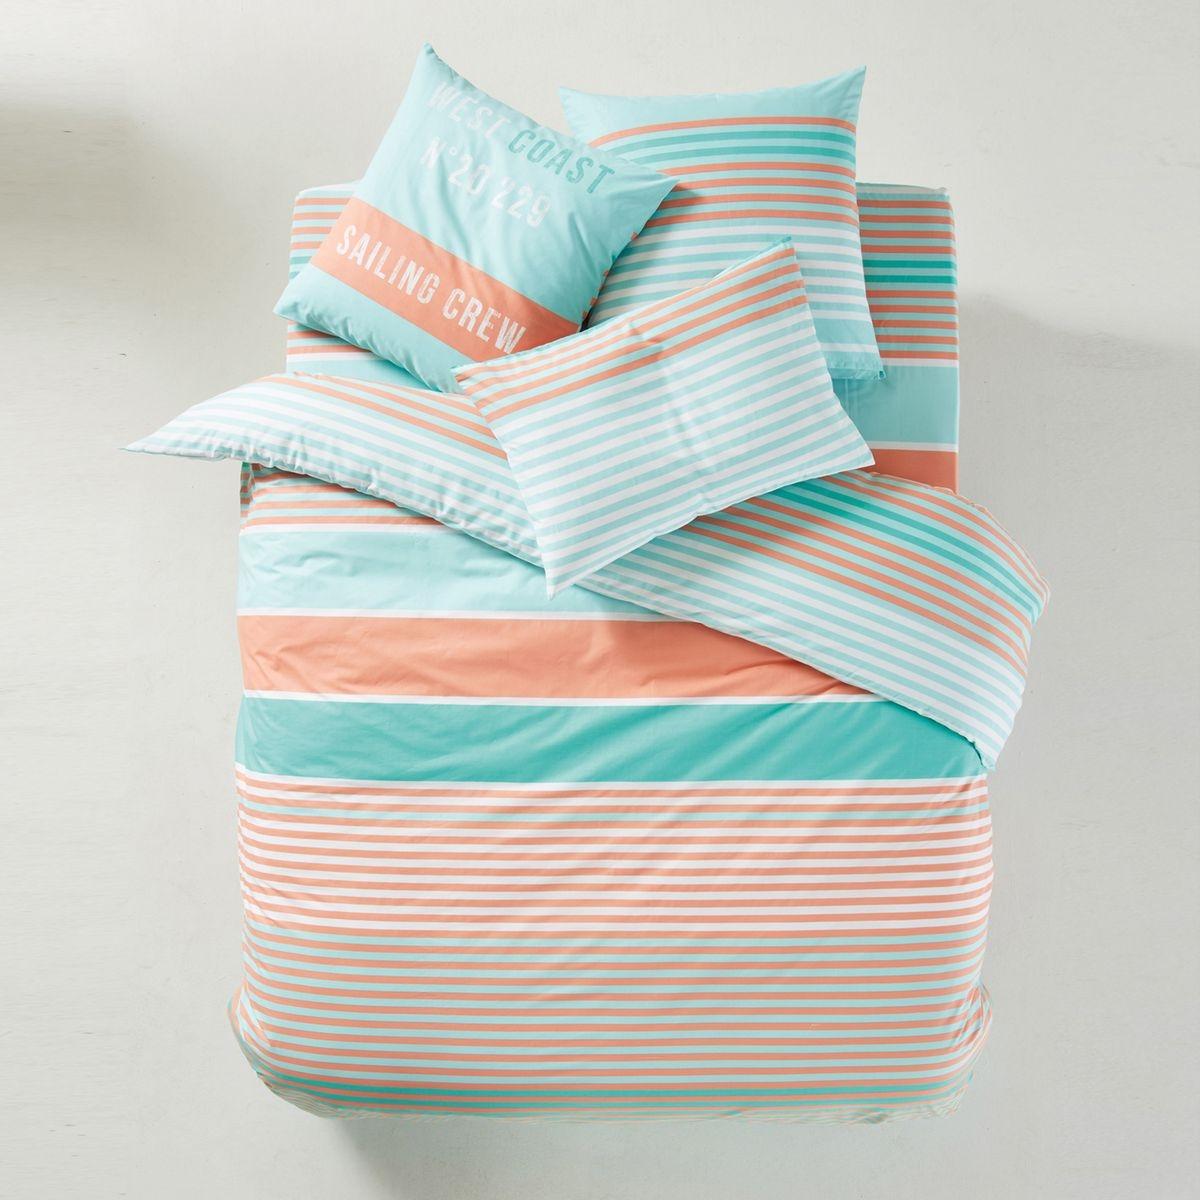 vente housse de couette rayures bleu tritoo maison et jardin. Black Bedroom Furniture Sets. Home Design Ideas